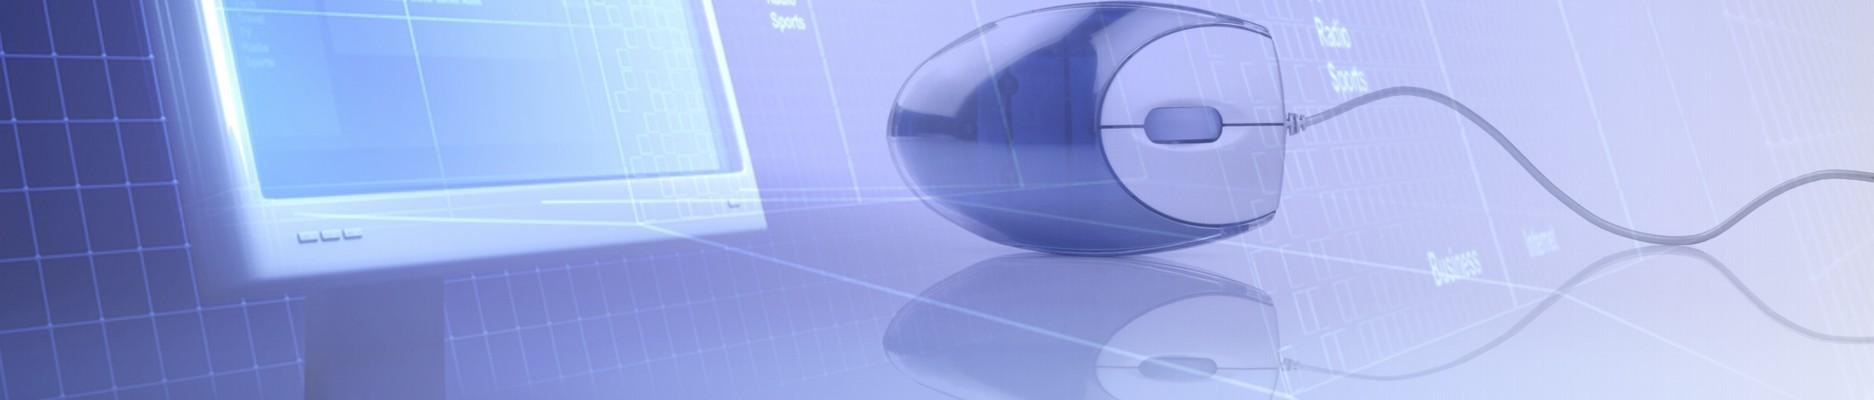 Sviluppo software di processo , di gestione e di controllo